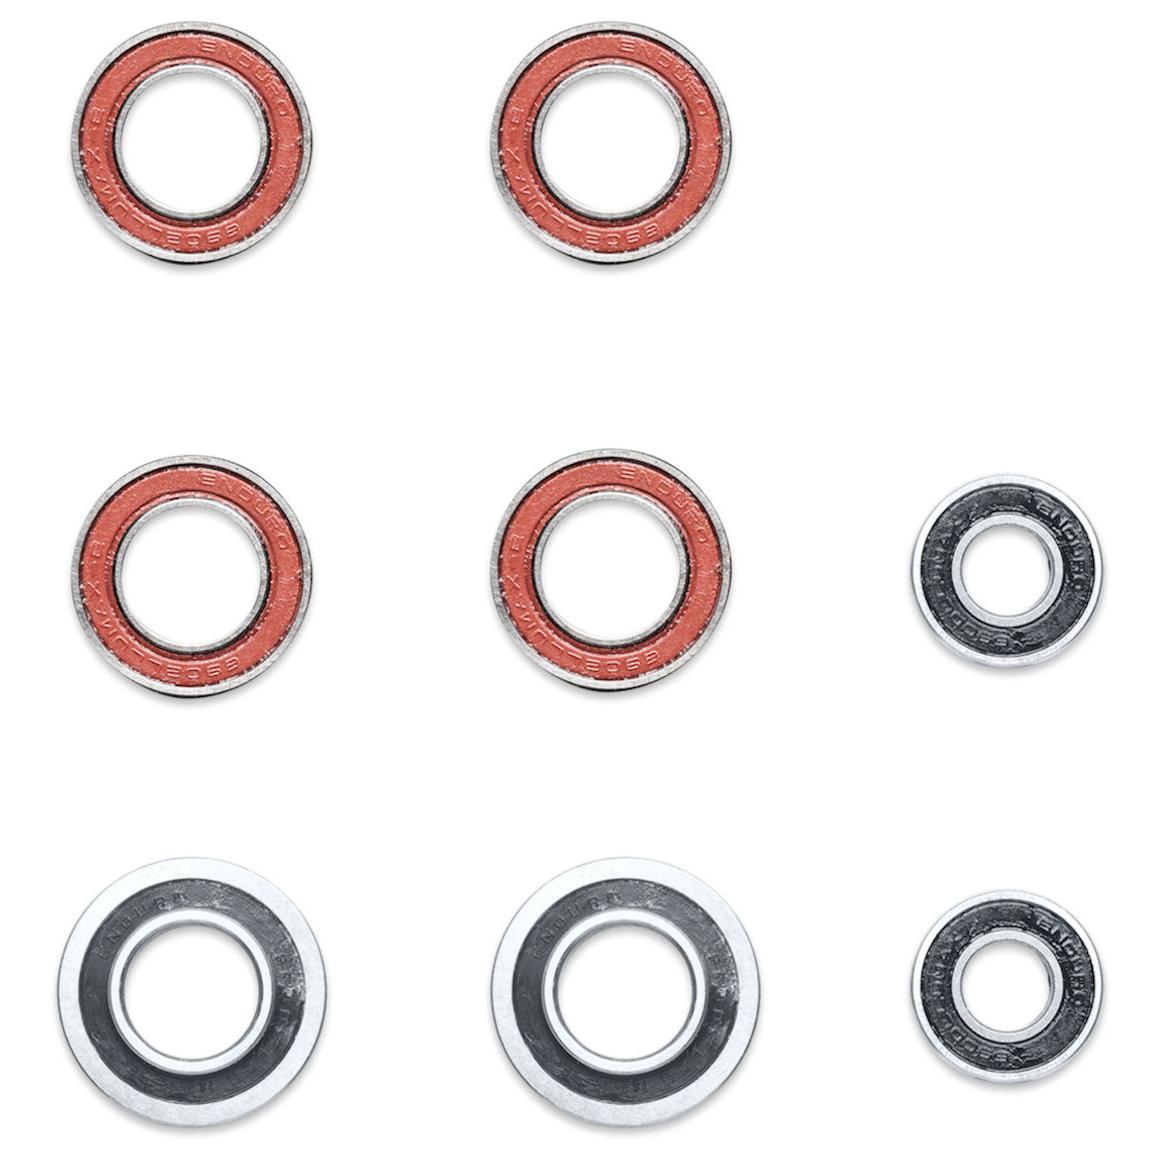 Image of Yeti Cycles Bearing Rebuild Kit for SB130 / SB140 / SB150 / SB165 (2019+)